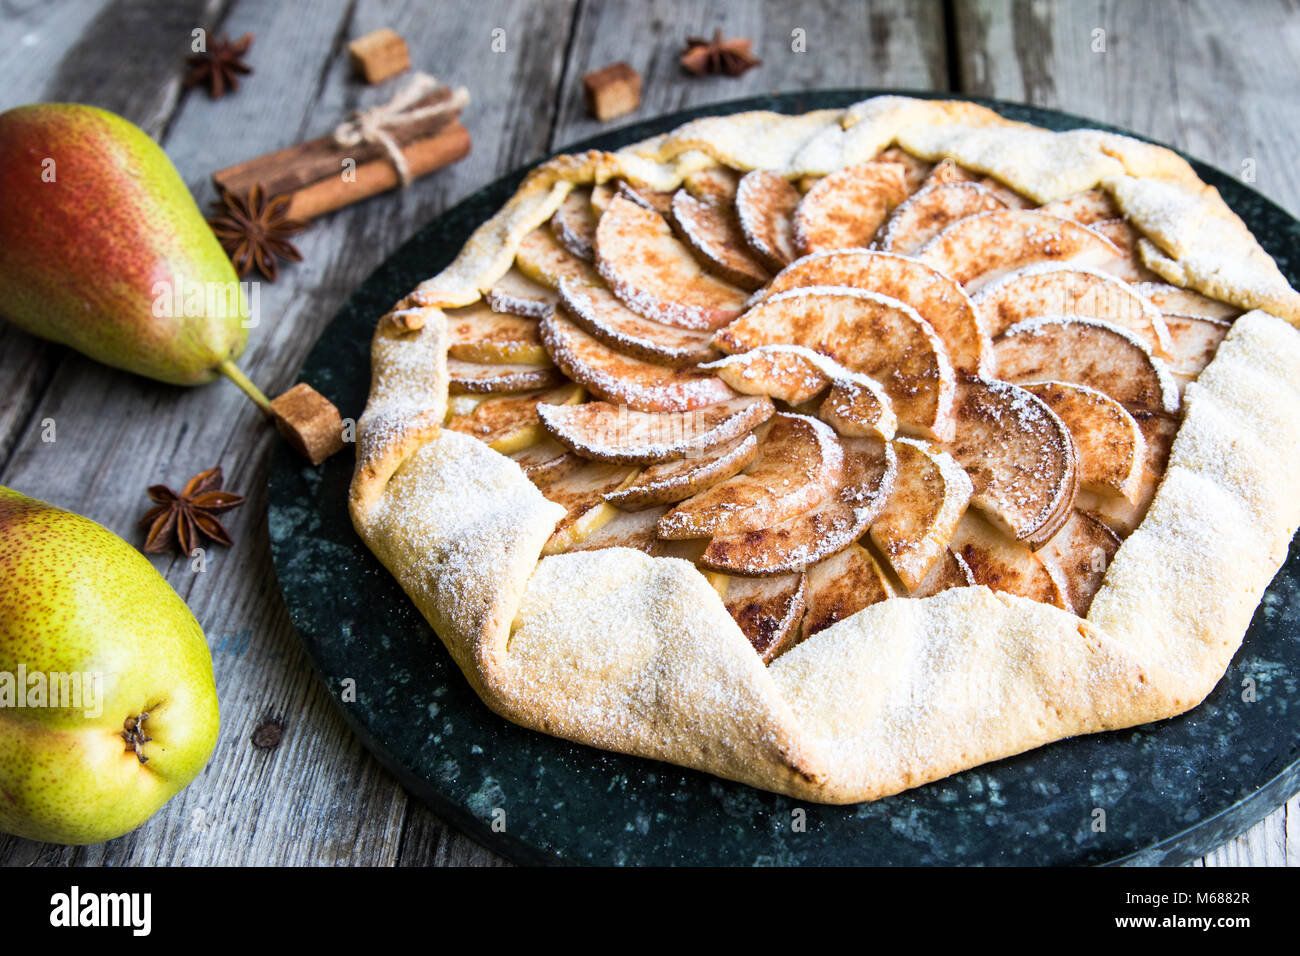 Kuchen mit Äpfeln, Birnen und Zimt auf einem alten Holz- Hintergrund. Apfelkuchen Stockbild